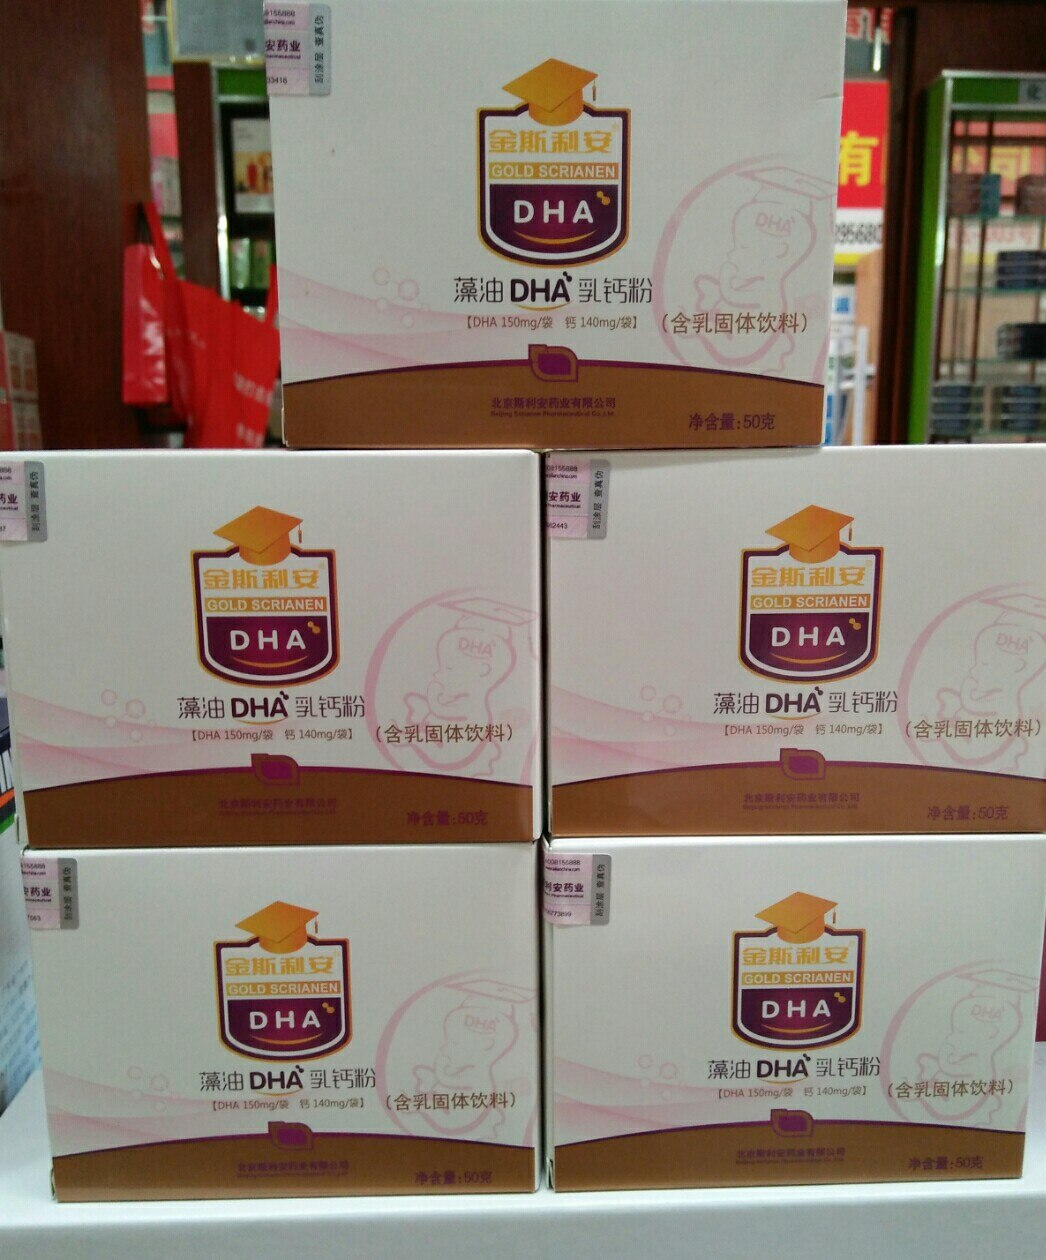 Aceite de algas Gold-scrianen DHA leche con calcio en polvo suplemento de calcio para niños proveedor de productos al por mayor de mujeres embarazadas DHA Kang Rui